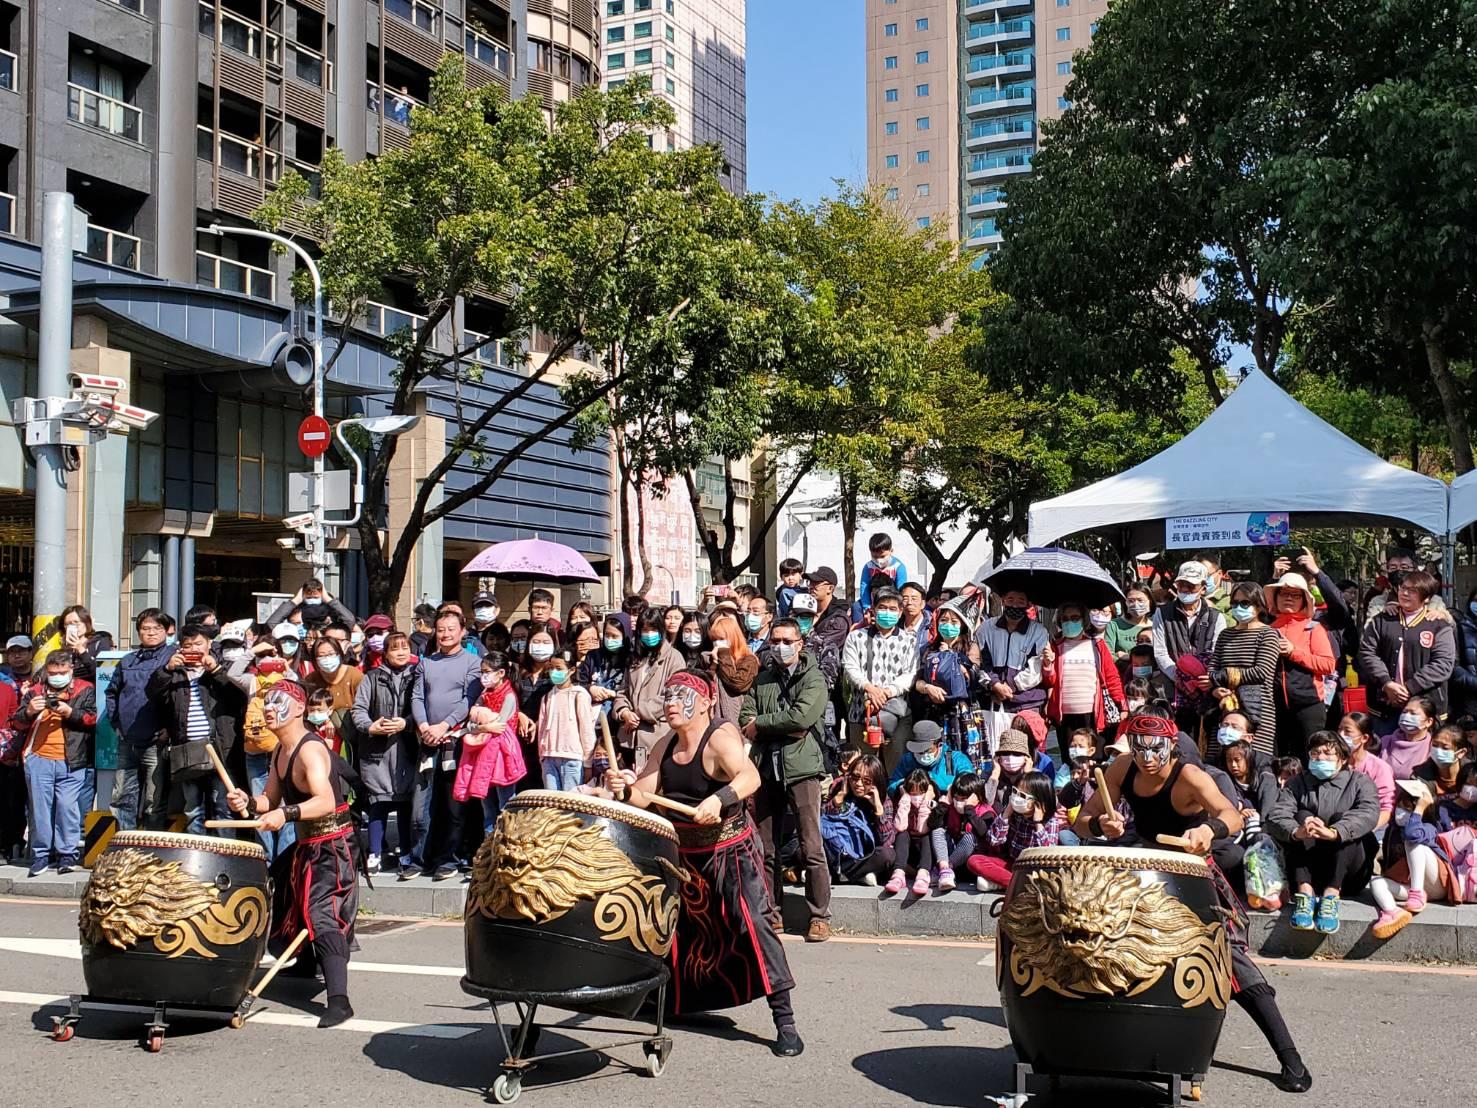 2月8日草悟道踩街活動由九天民俗技藝團帶來精彩開幕演出